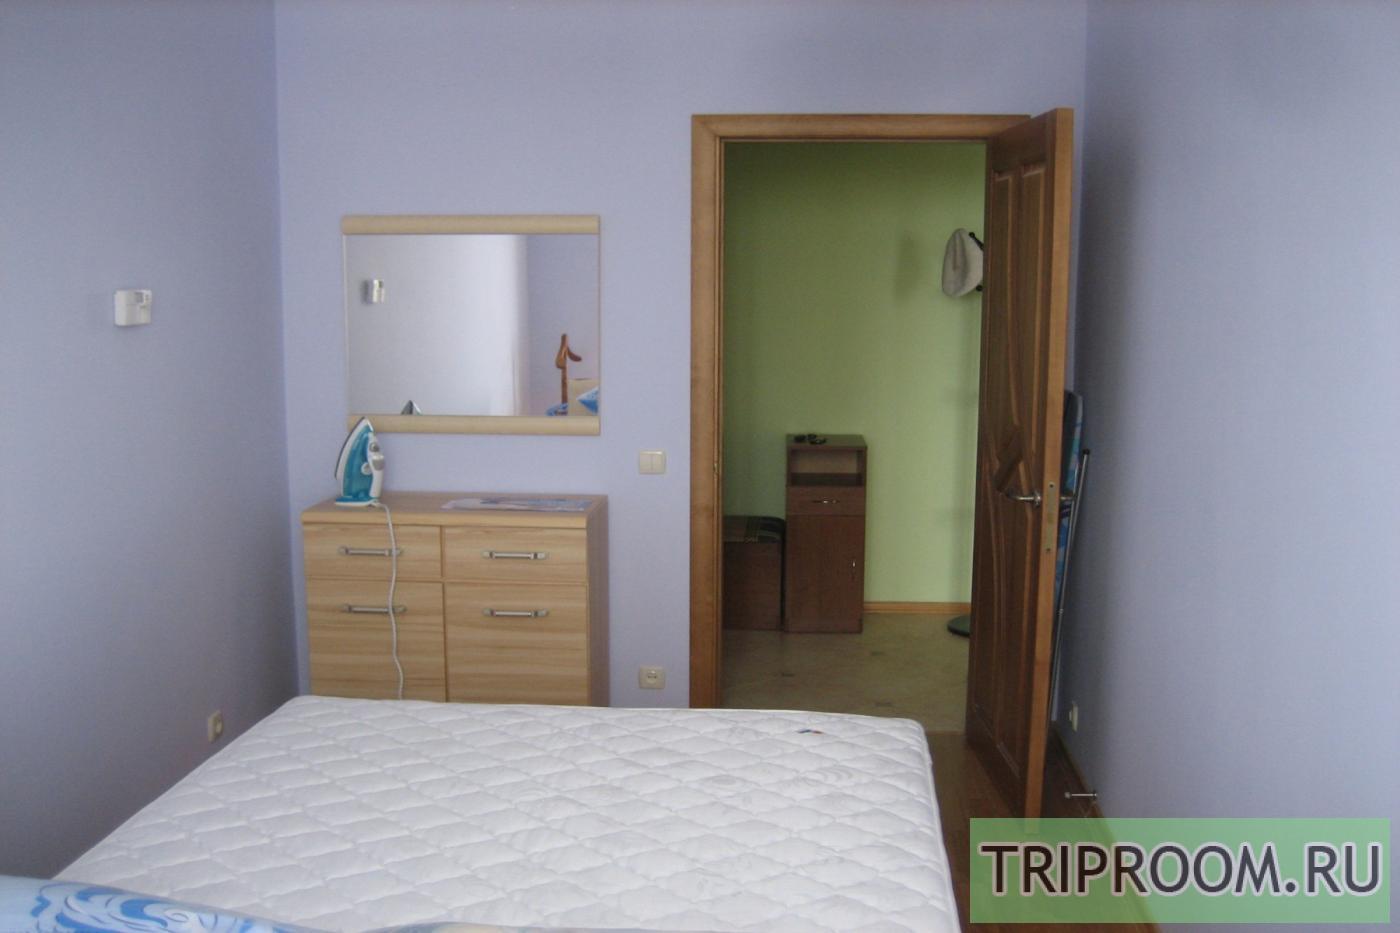 2-комнатная квартира посуточно (вариант № 23105), ул. Челнокова, фото № 8